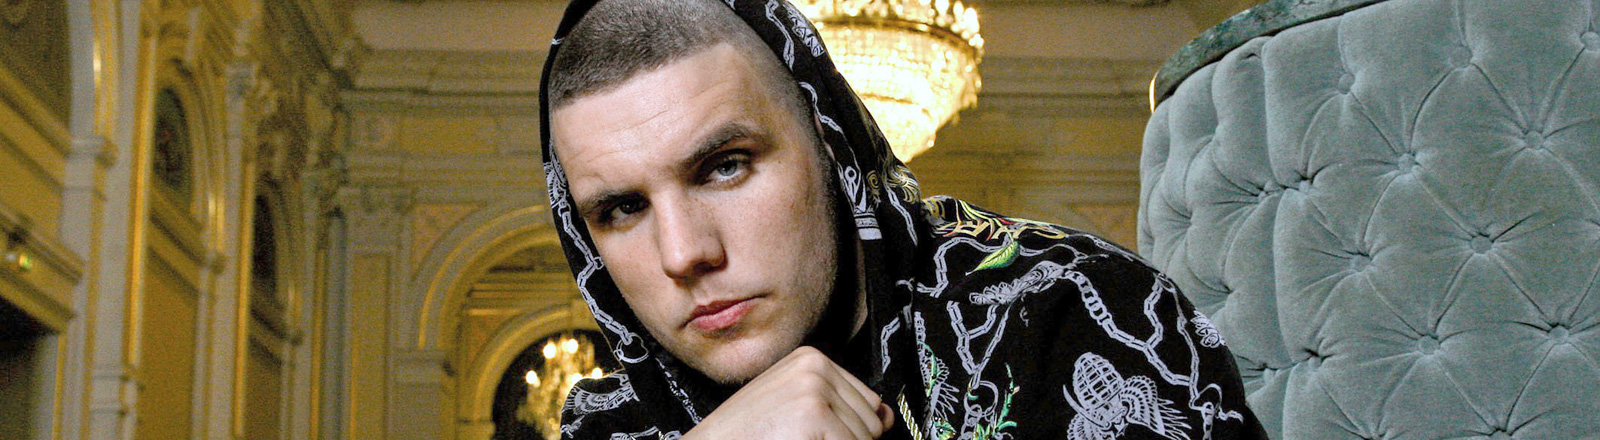 Der deutsche Rapper Fler posiert bei einem Fototermin; Bild: dpa